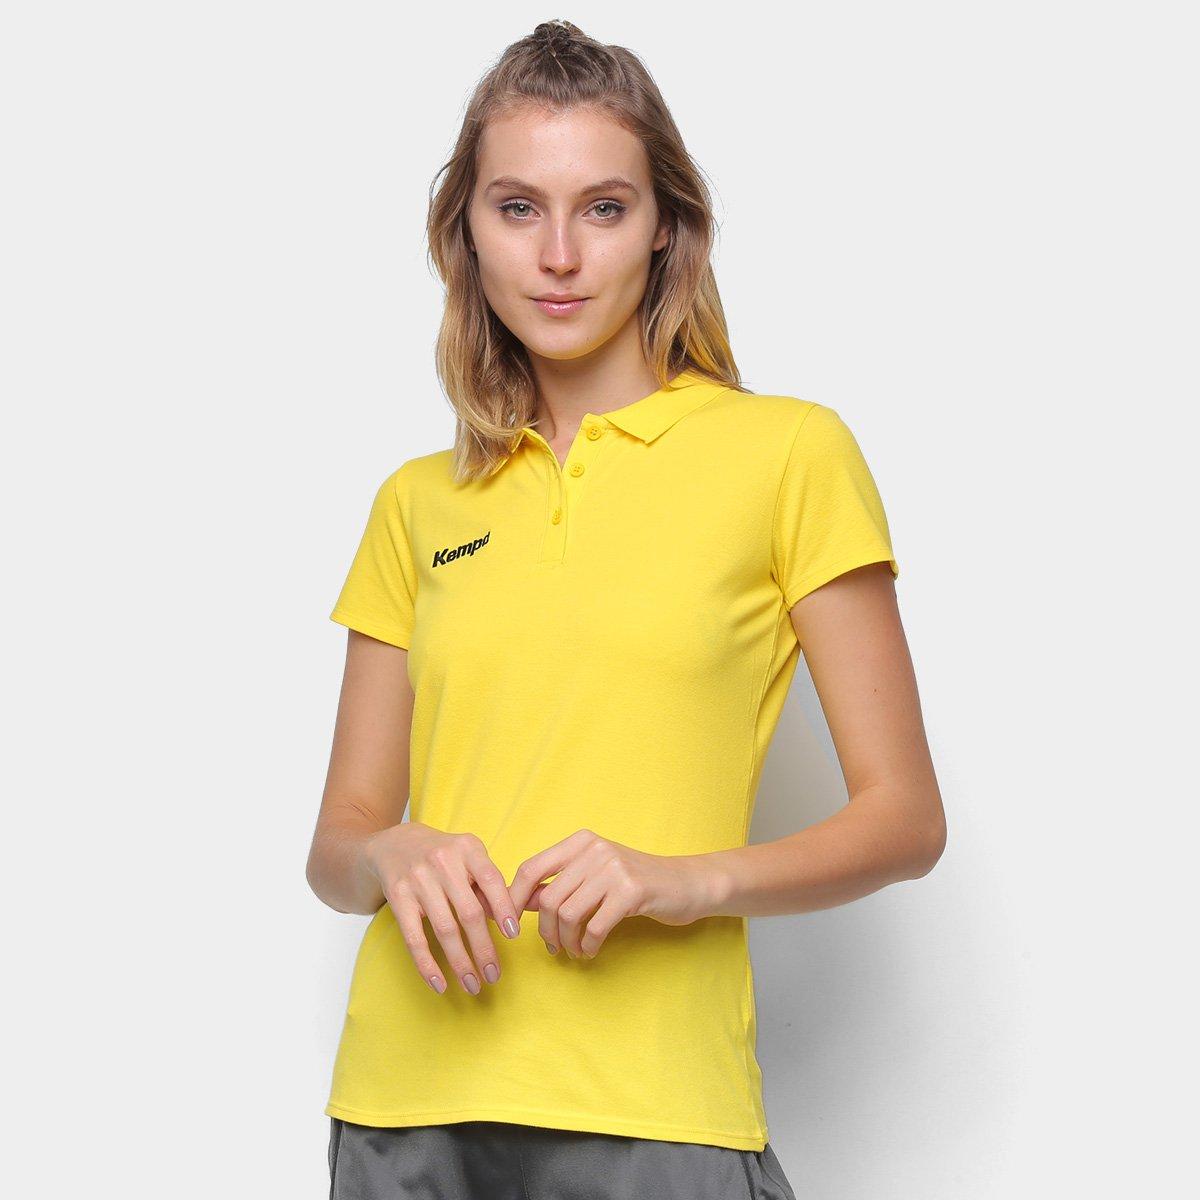 Camisa Polo Kempa Feminina